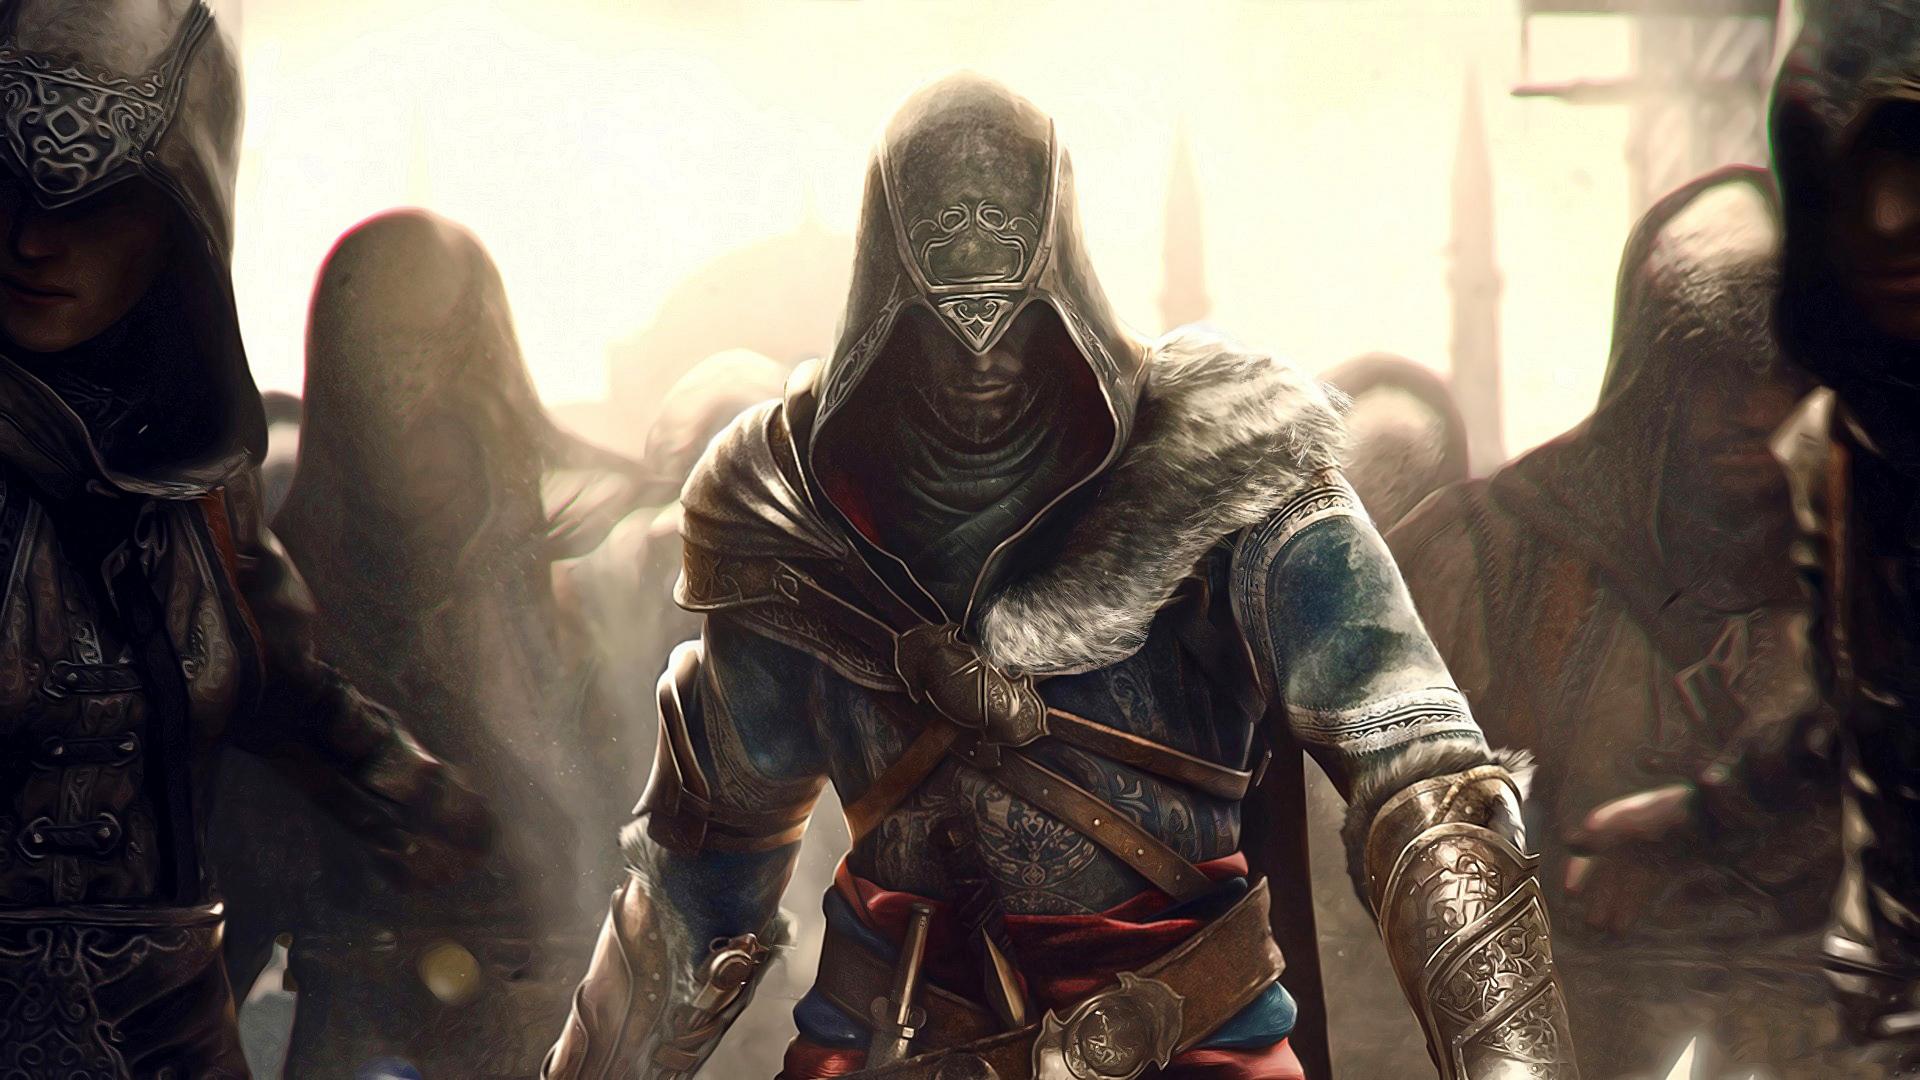 assassins creed brotherhood games wallpaper Desktop Backgrounds for 1920x1080